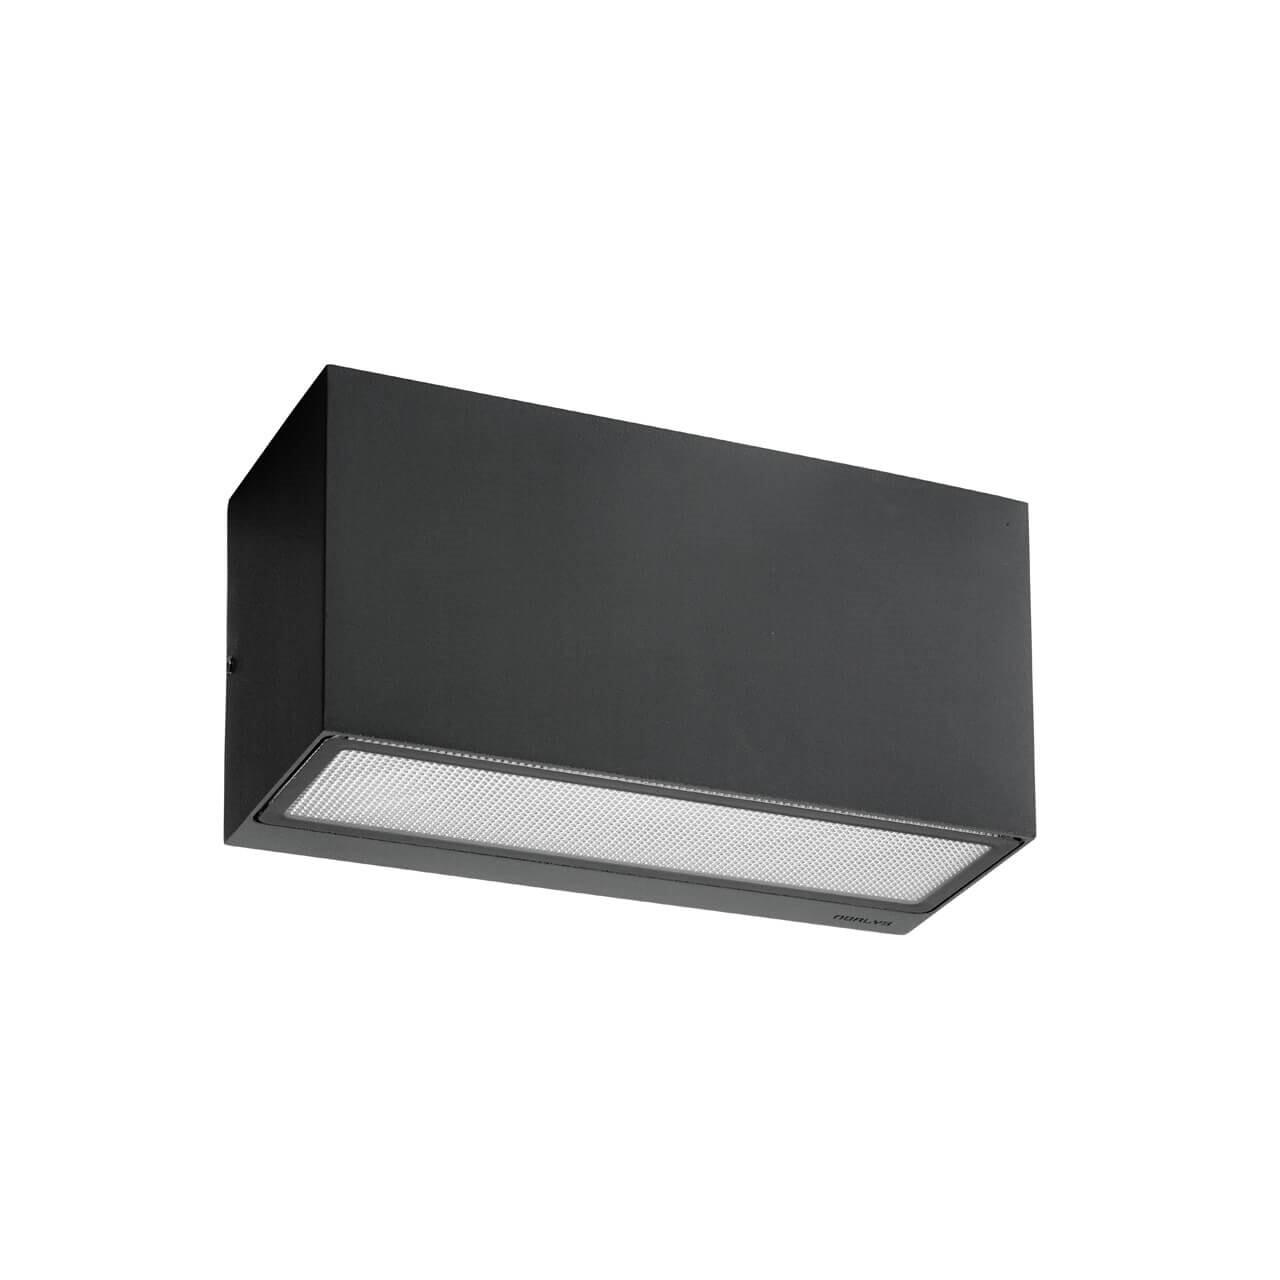 Asker LED Udendørs Væglampe Grafit – Norlys